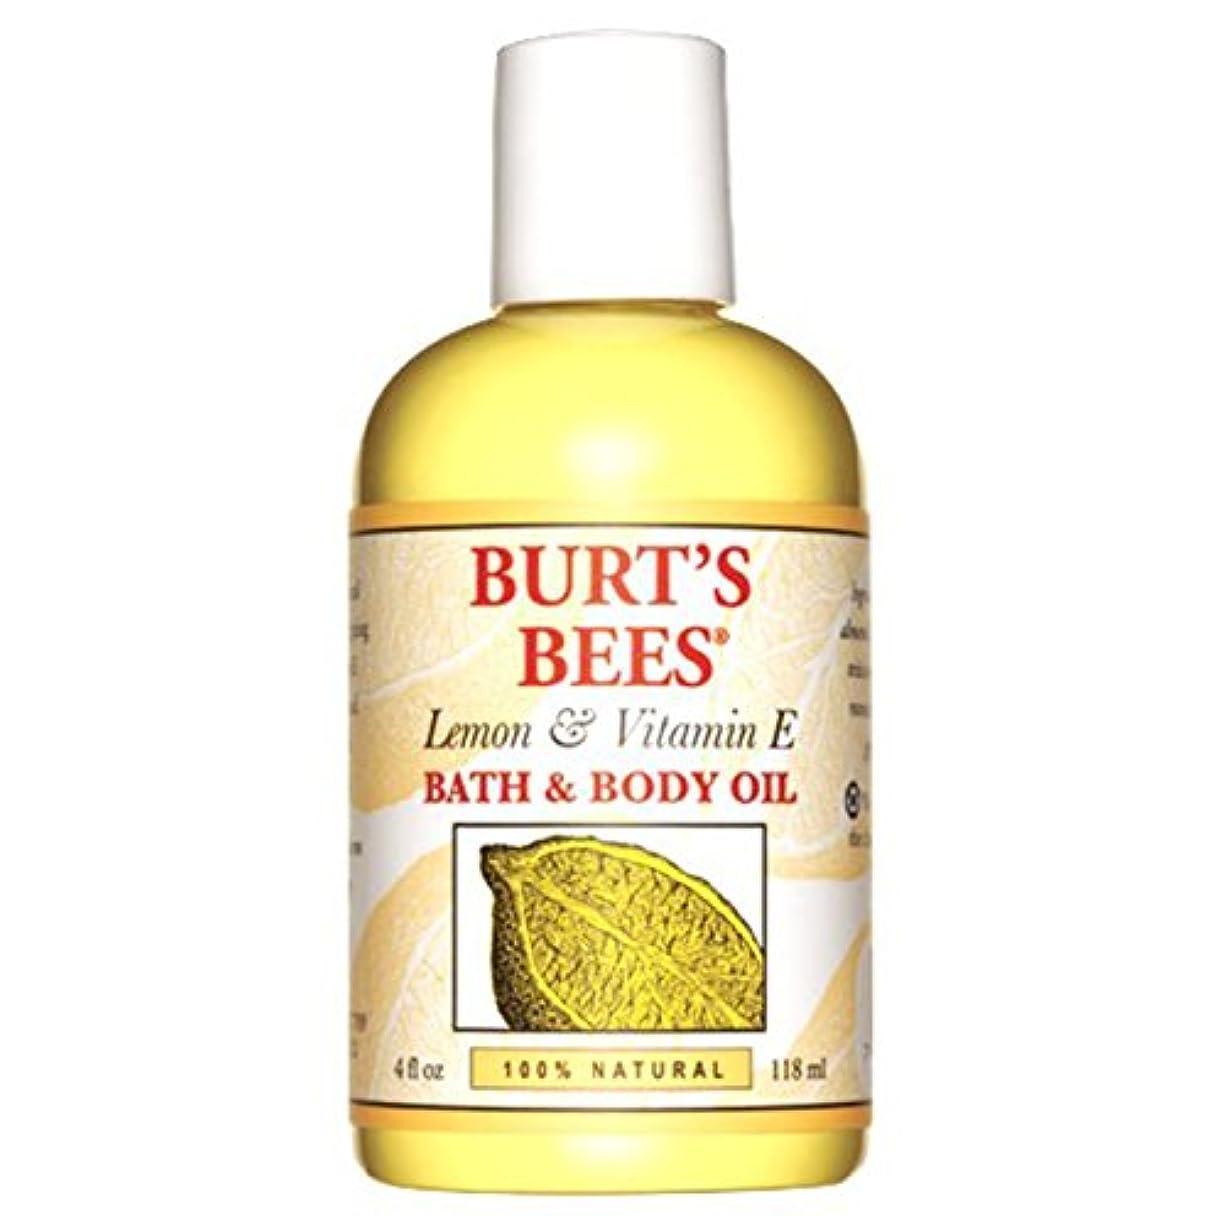 忙しい増幅器腐敗バーツビーズ (Burt's Bees) L&E バス&ボディオイル 118ml